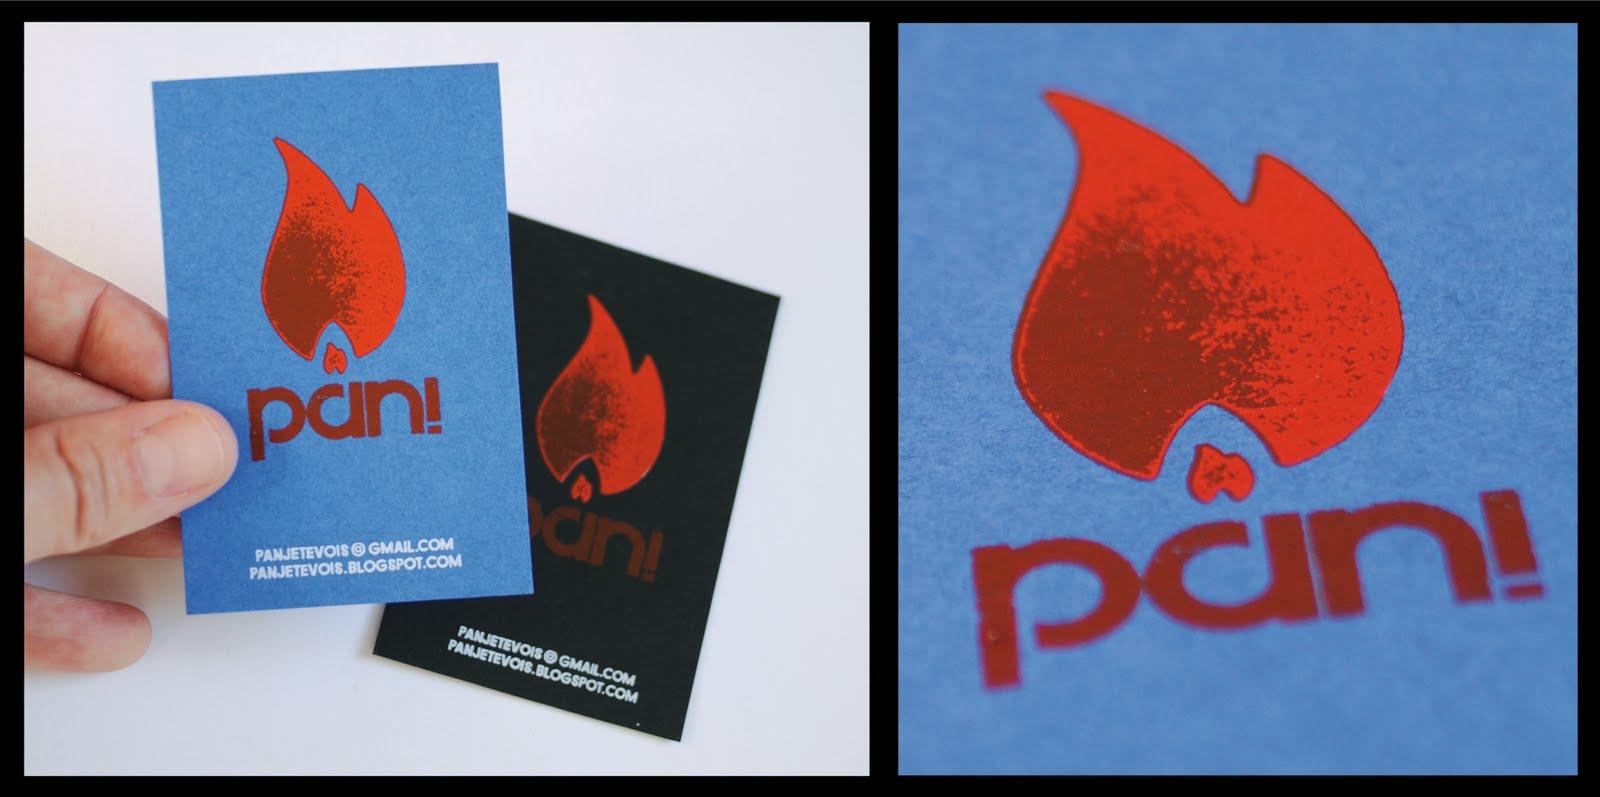 PAN Cartes De Visites Septembre 2011